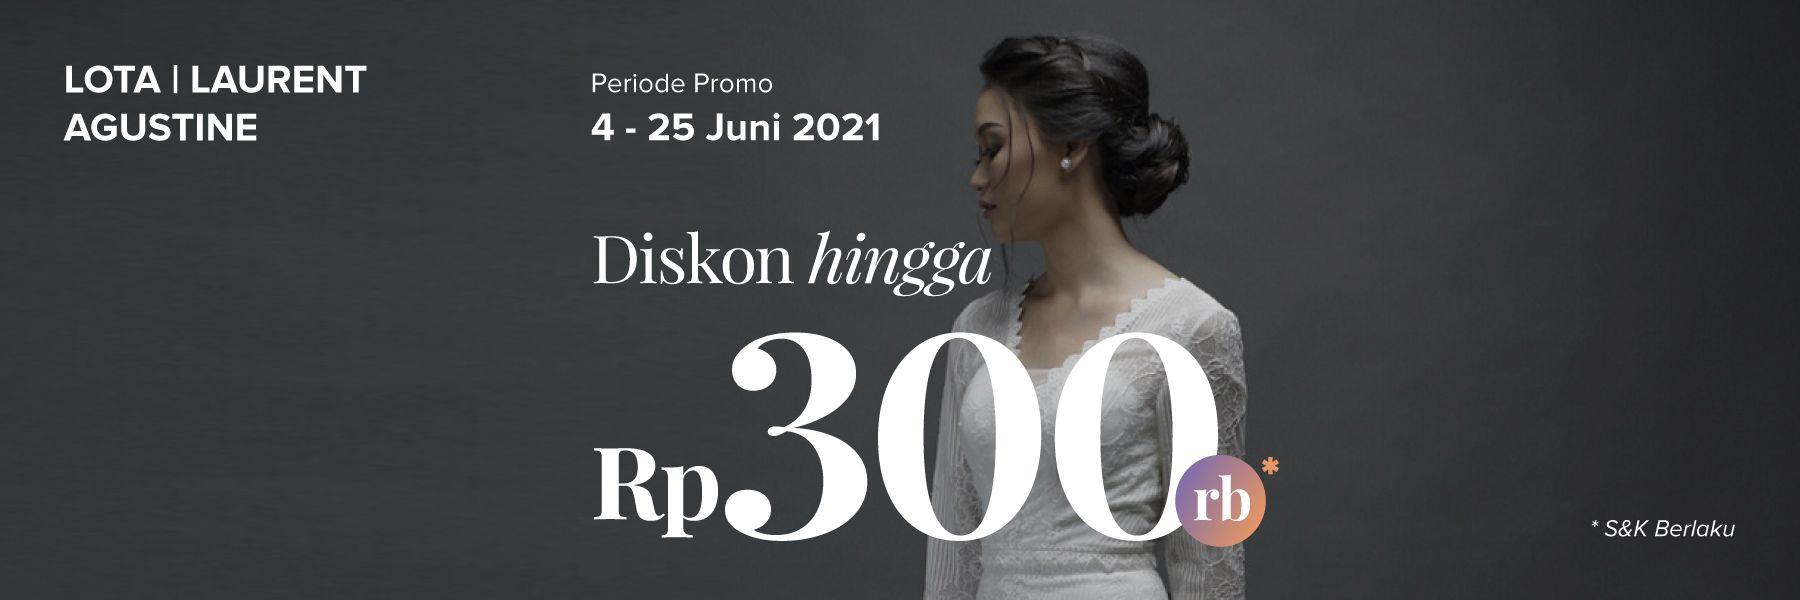 Diskon Gaun Hingga Rp 300.000 di LOTA | LAURENT AGUSTINE